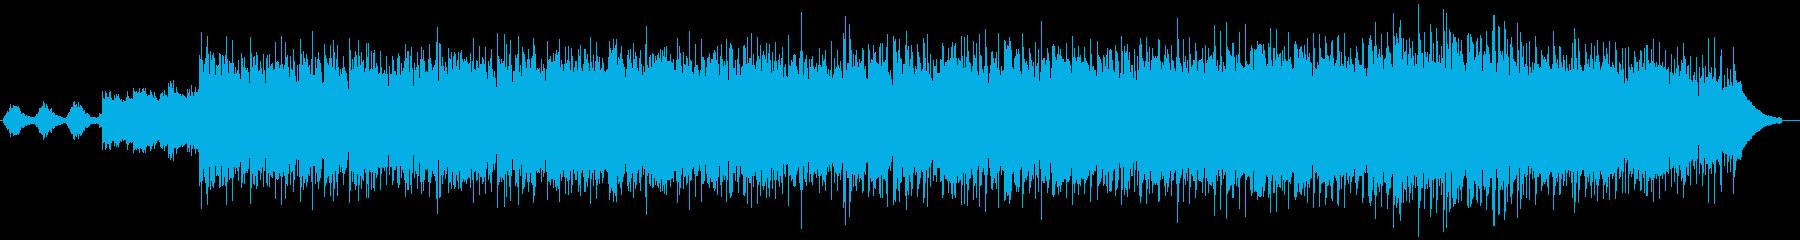 挑発的な歌は、神秘的で誤解されてい...の再生済みの波形